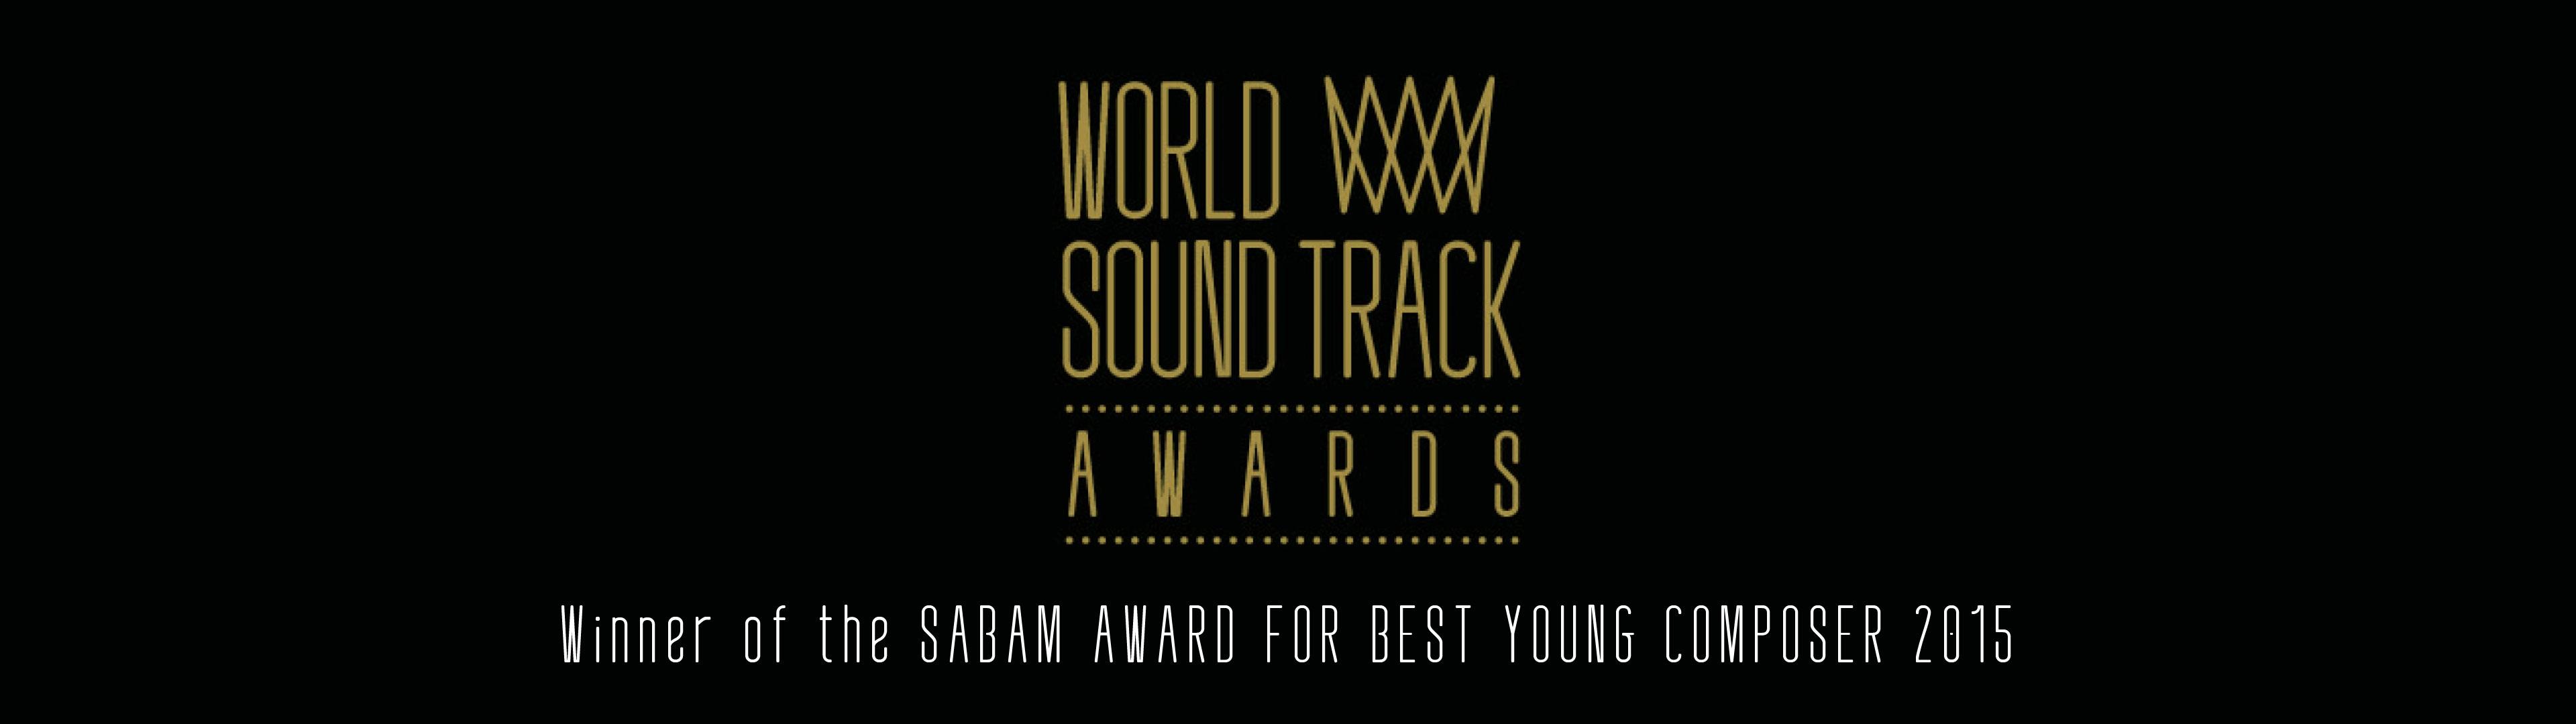 Award-banner_winner